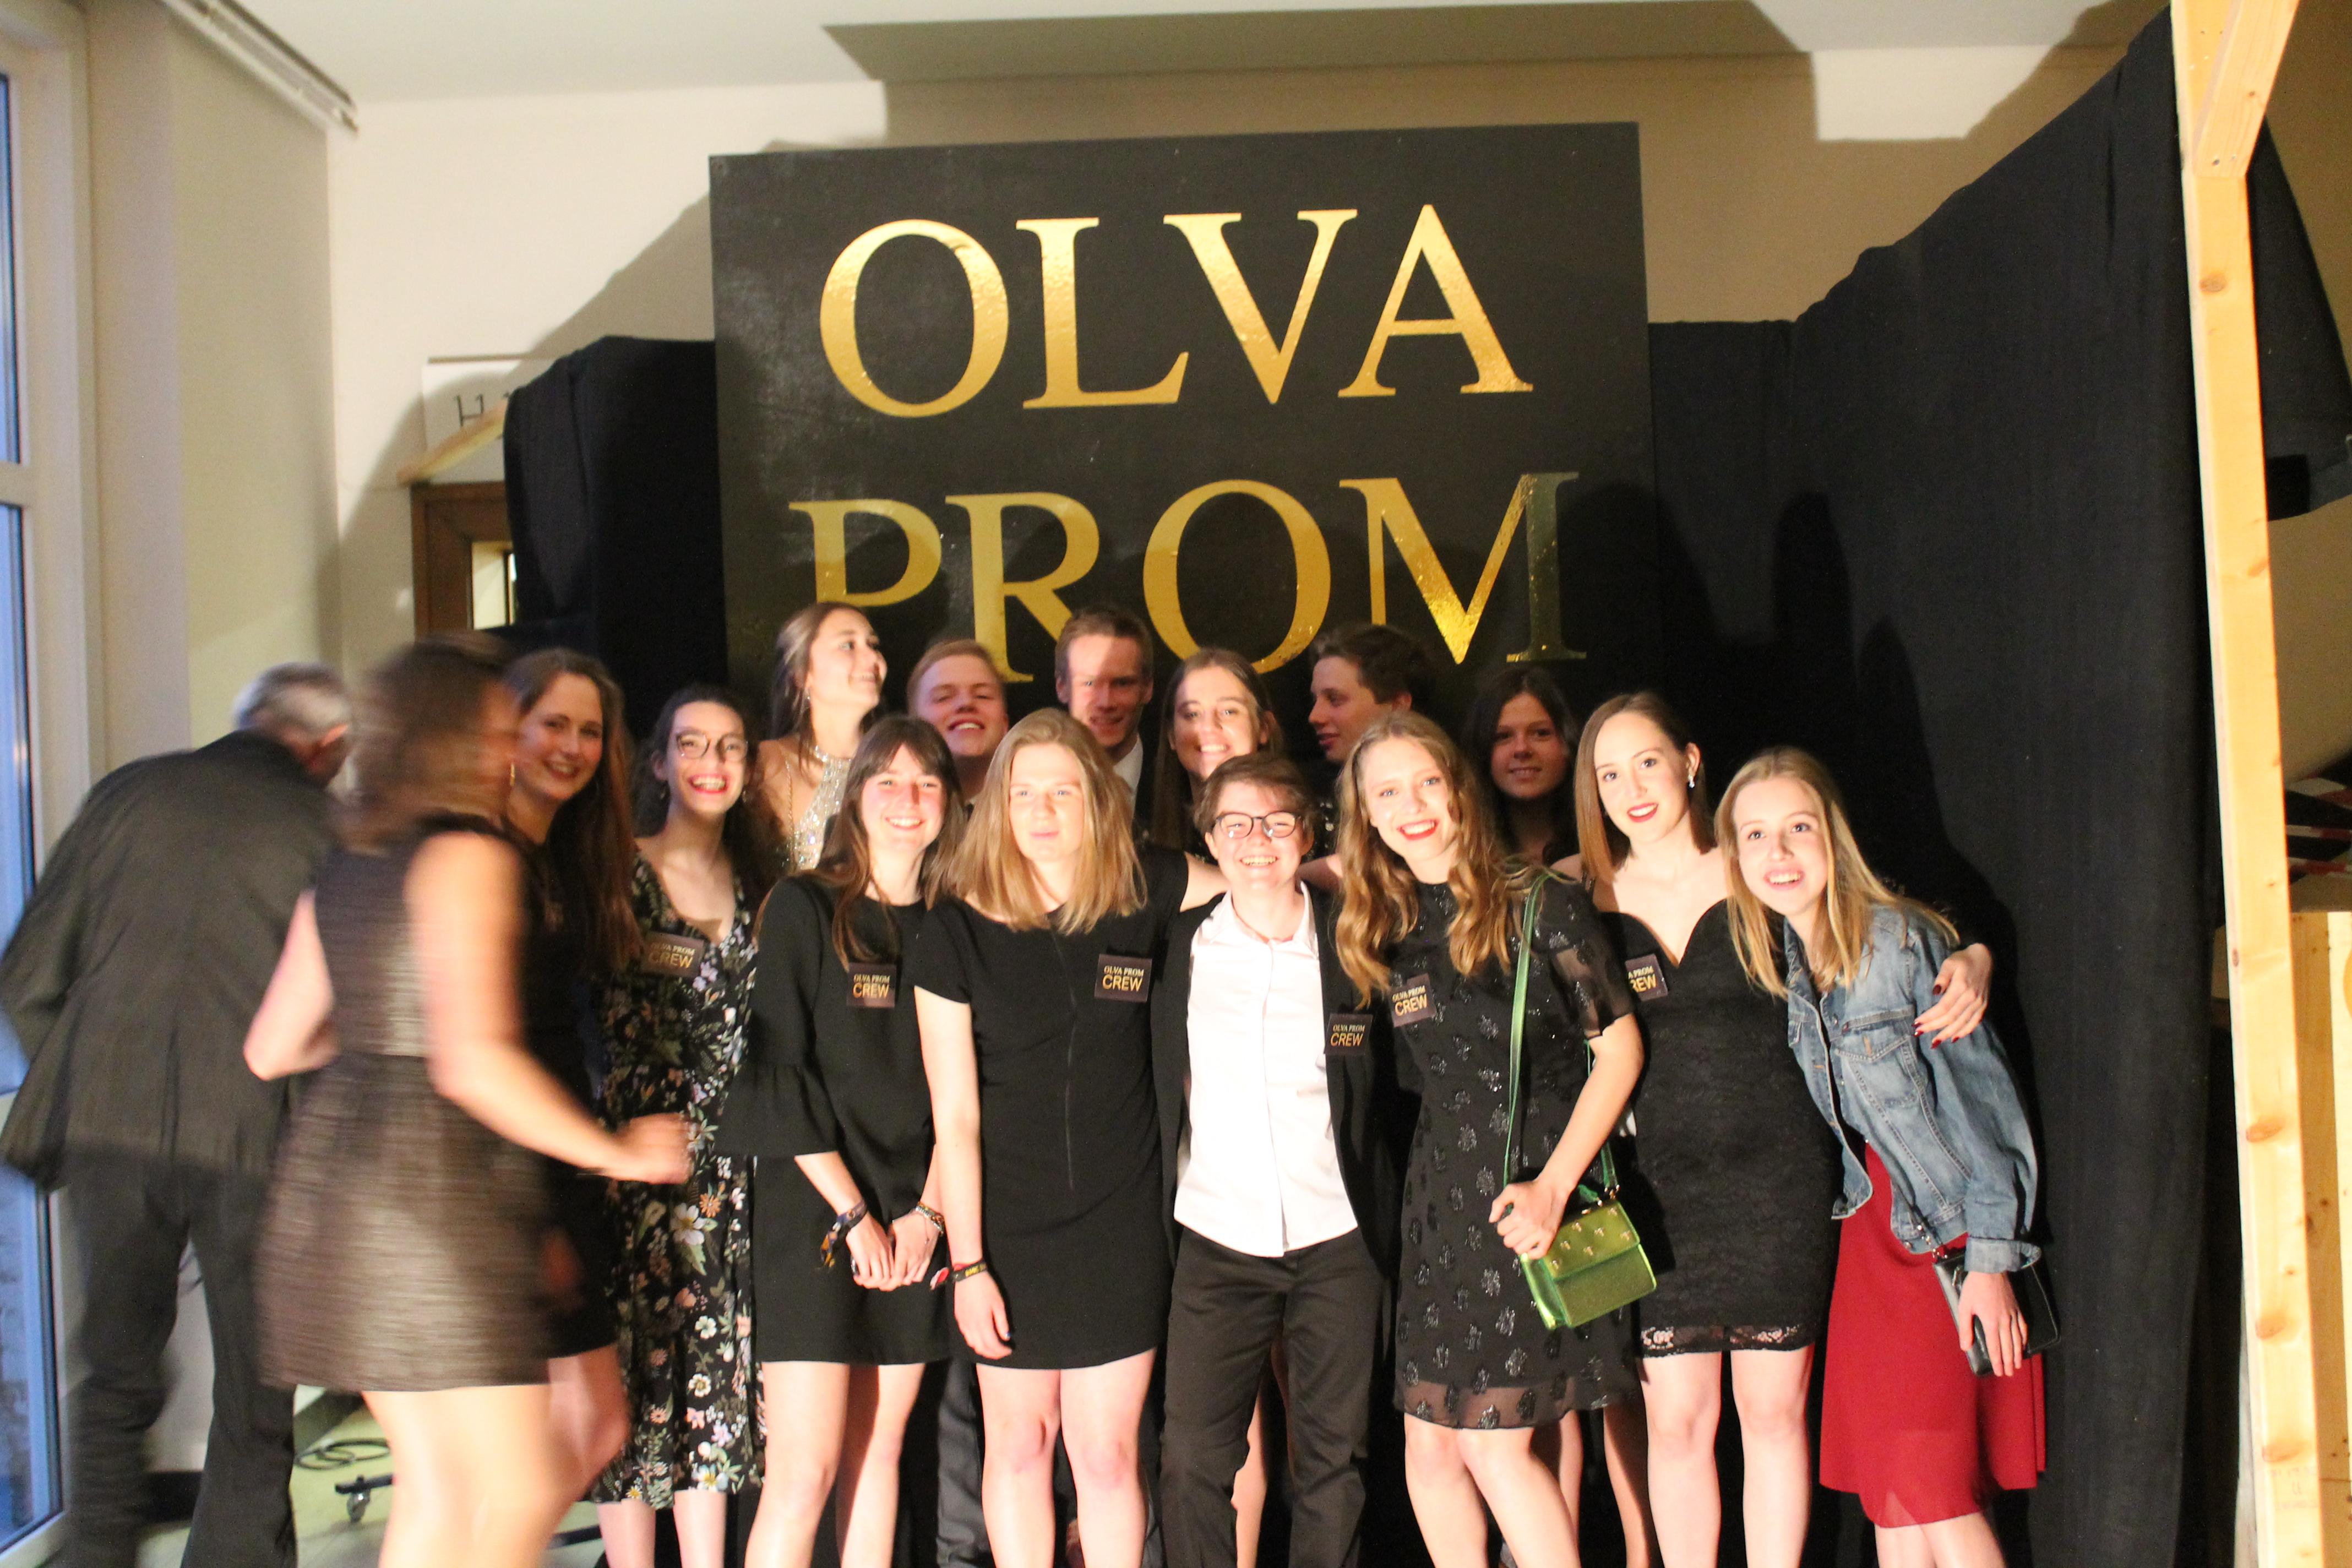 OLVA Prom